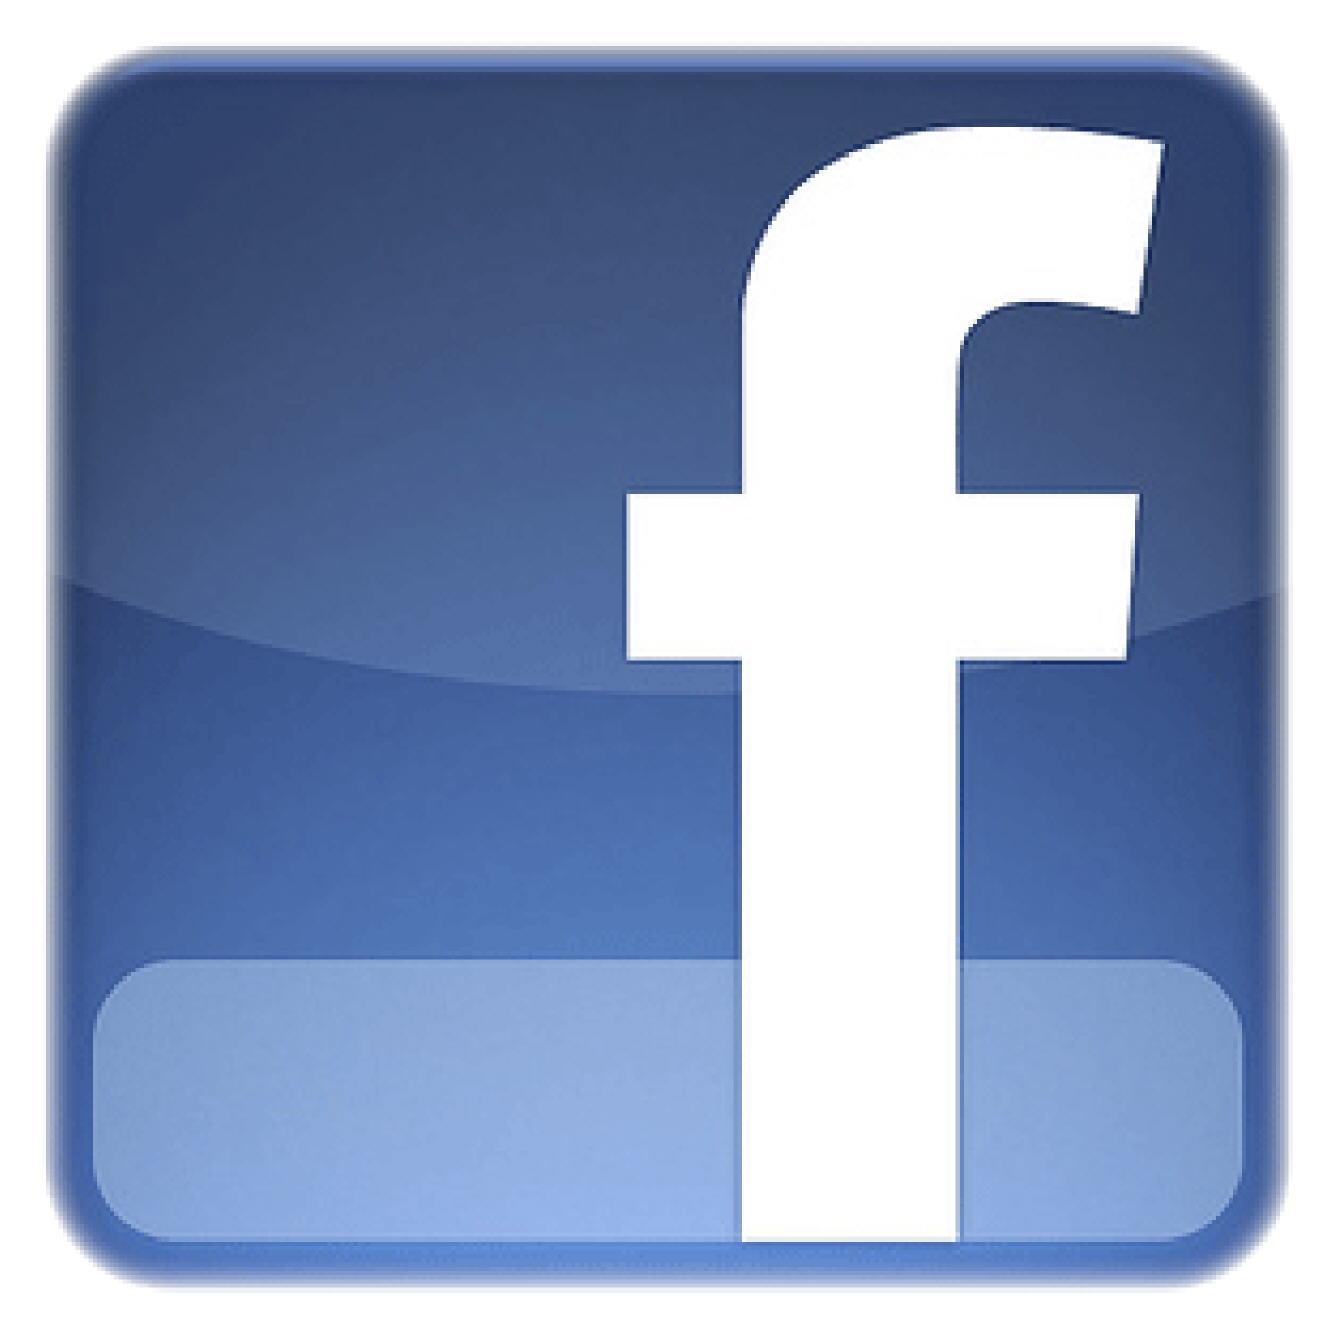 facebook suomi yhteystiedot Nokia